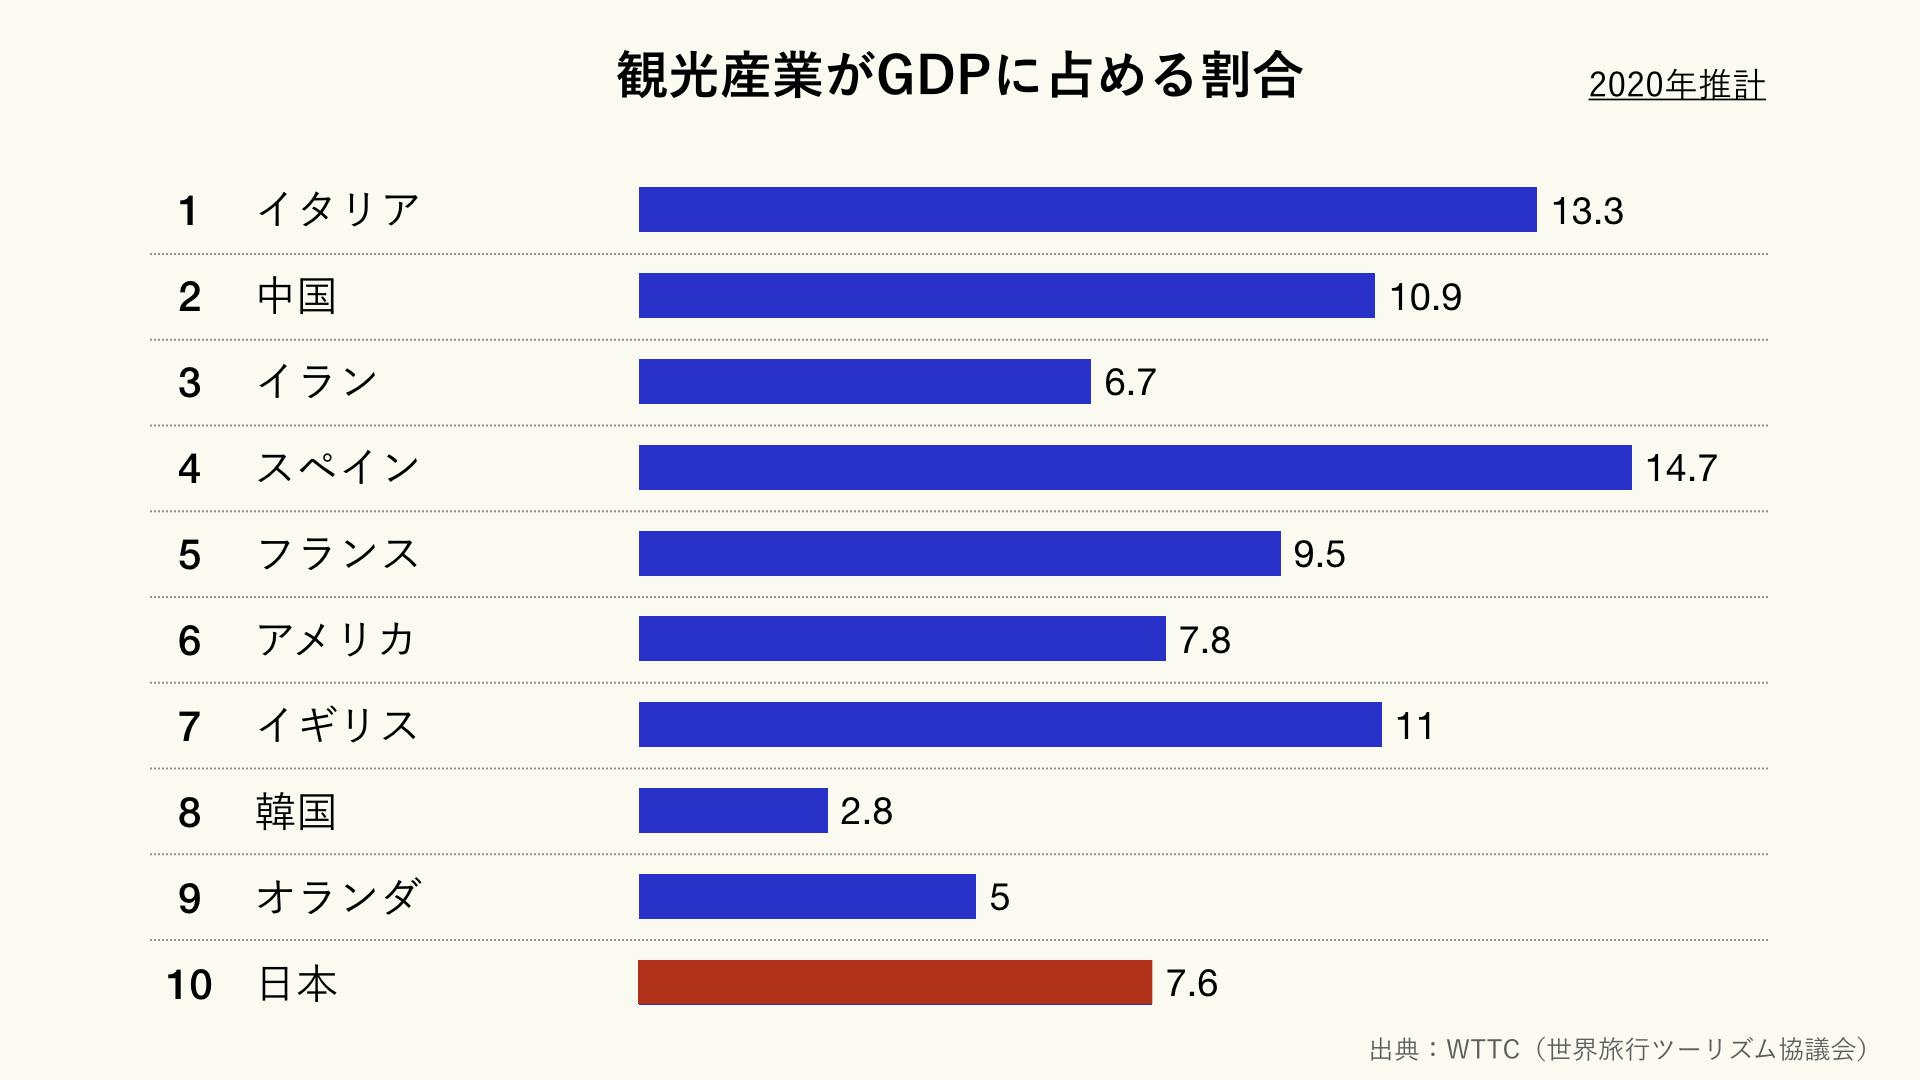 観光産業が名目GDPに占める割合(クリーム)